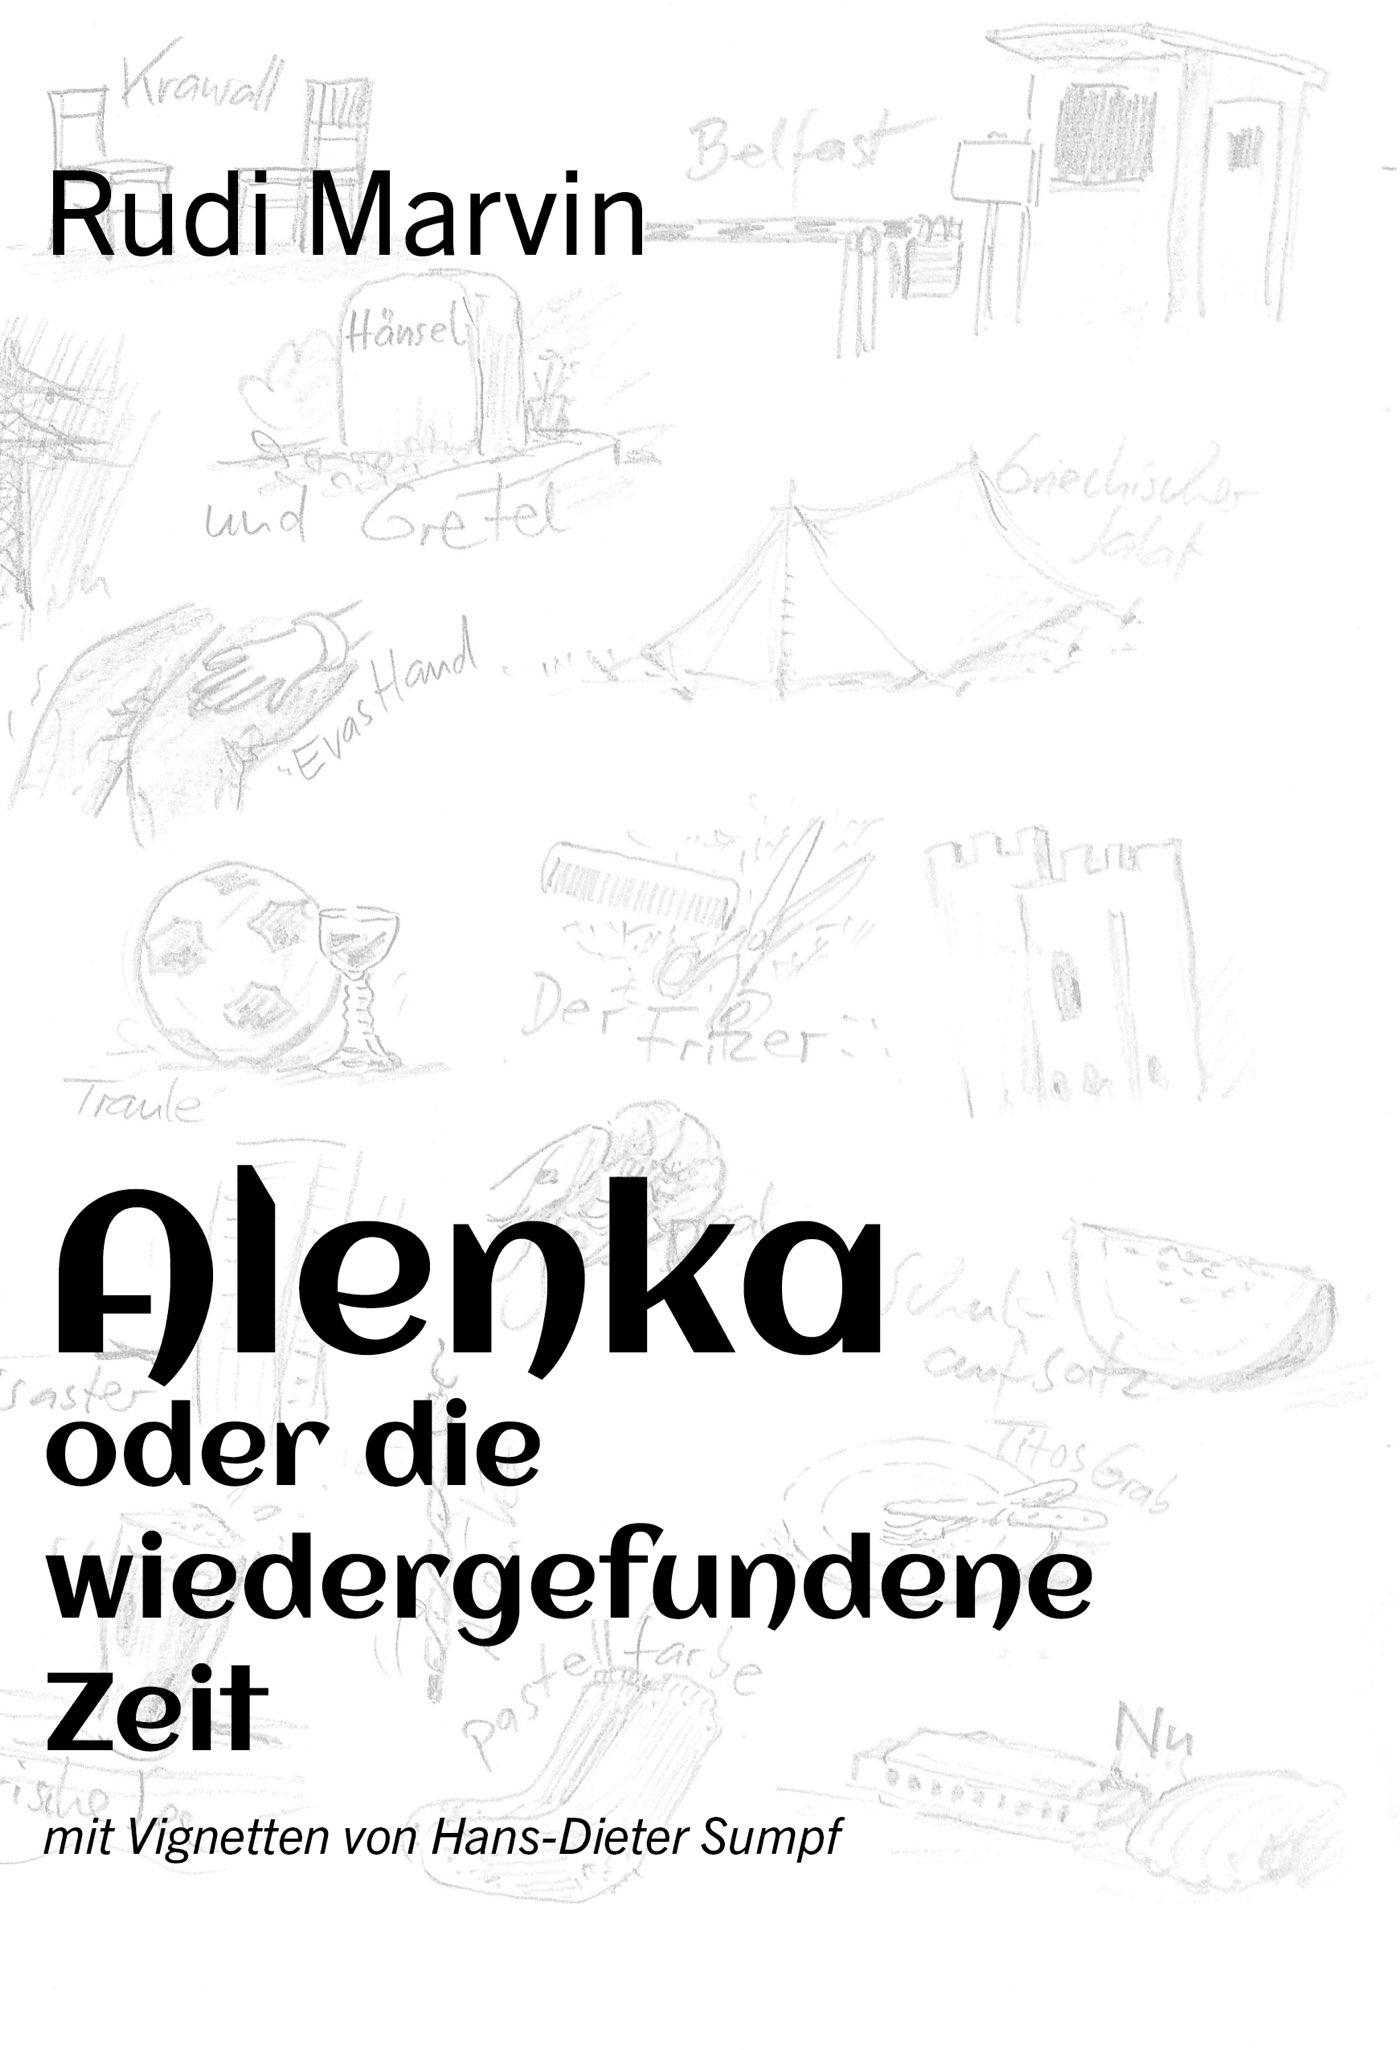 Rudi Marvin: Alenka oder die wiedergefundene Zeit